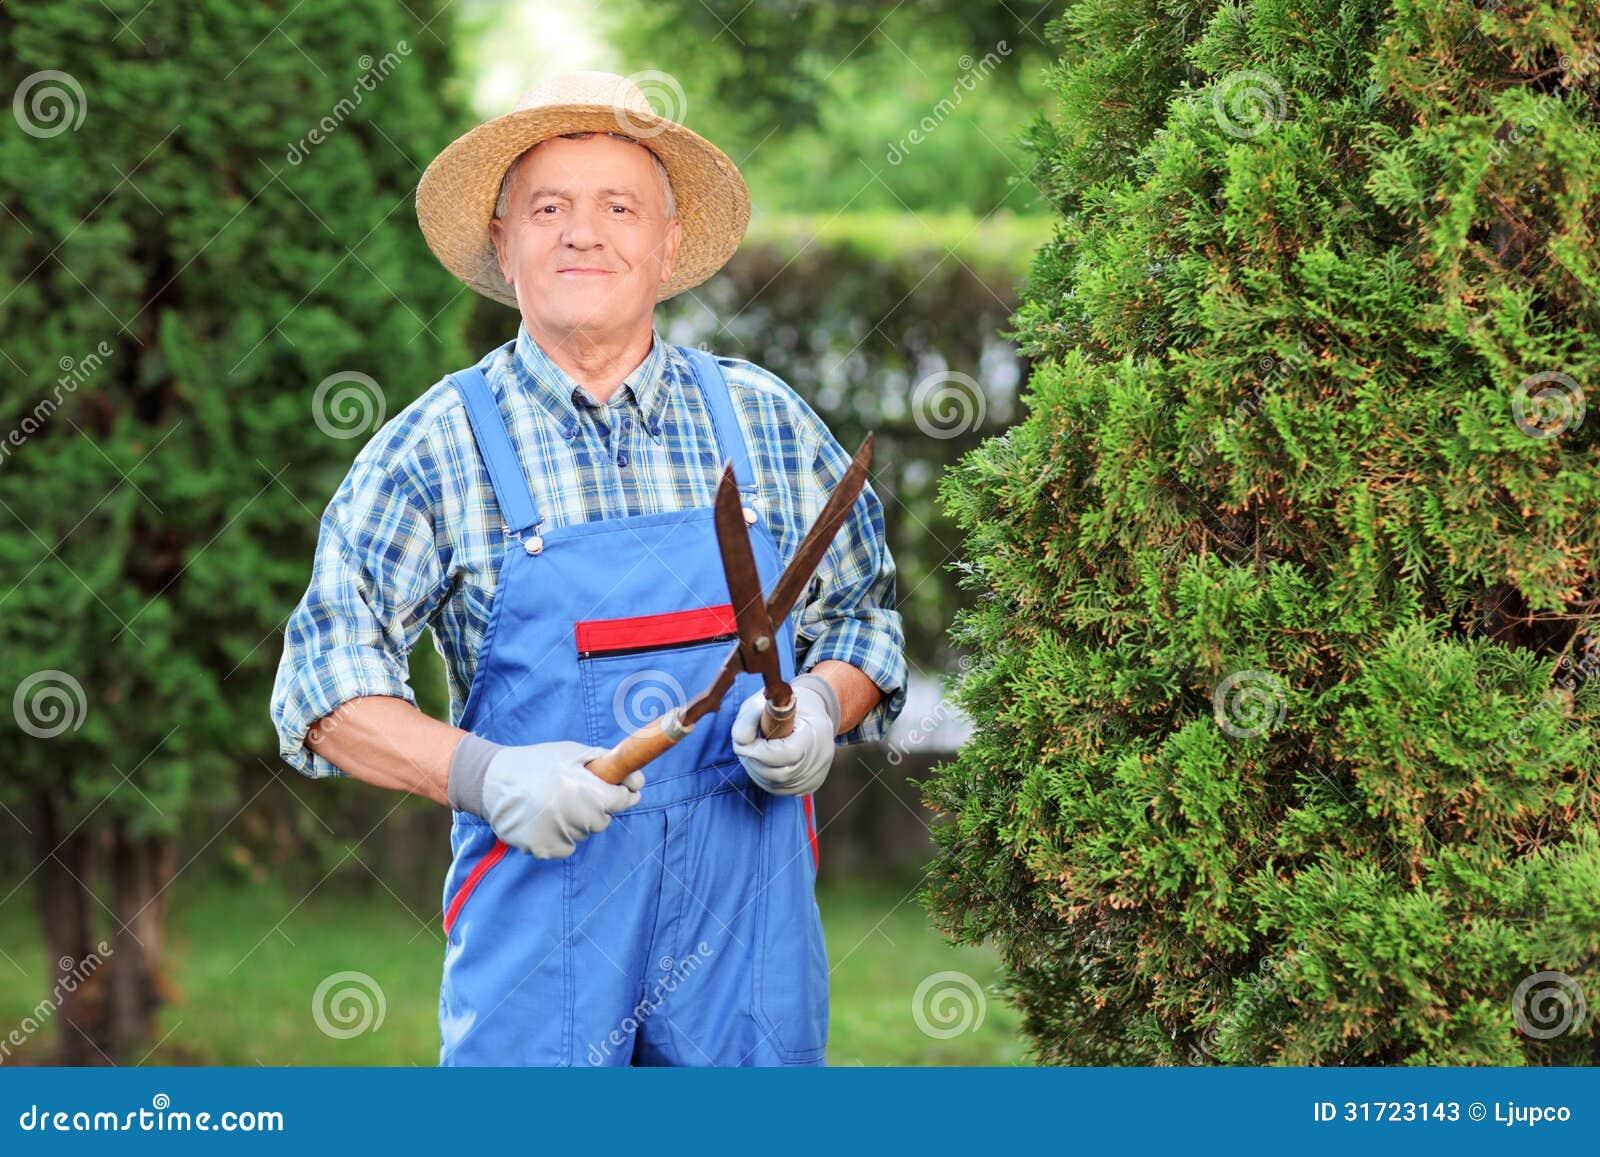 Come Recintare Un Giardino uomo che sistema un recintare un giardino immagine stock